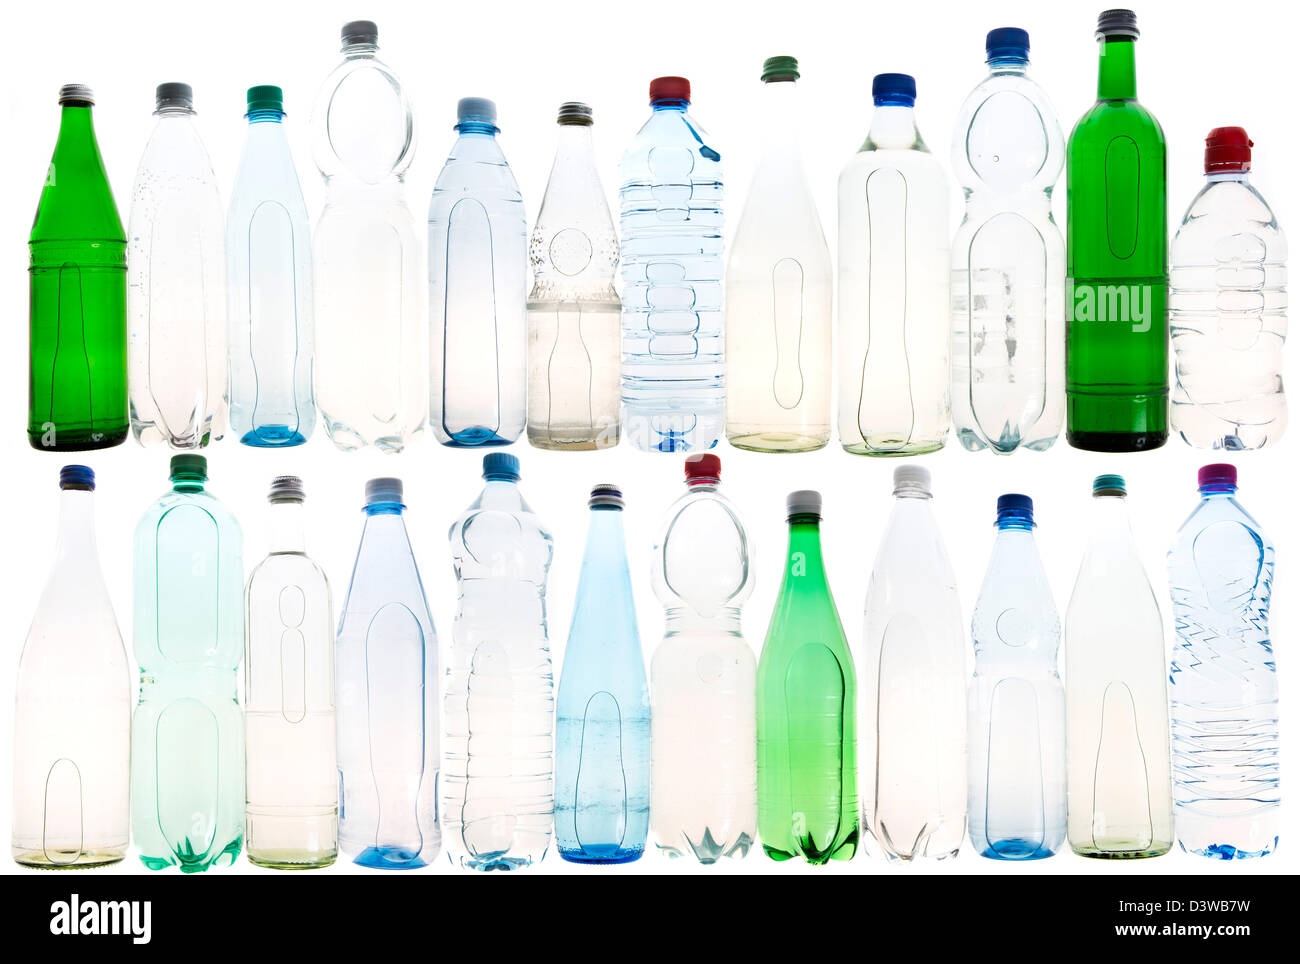 Différents types de bouteilles d'eaux minérales et de table. Photo Stock